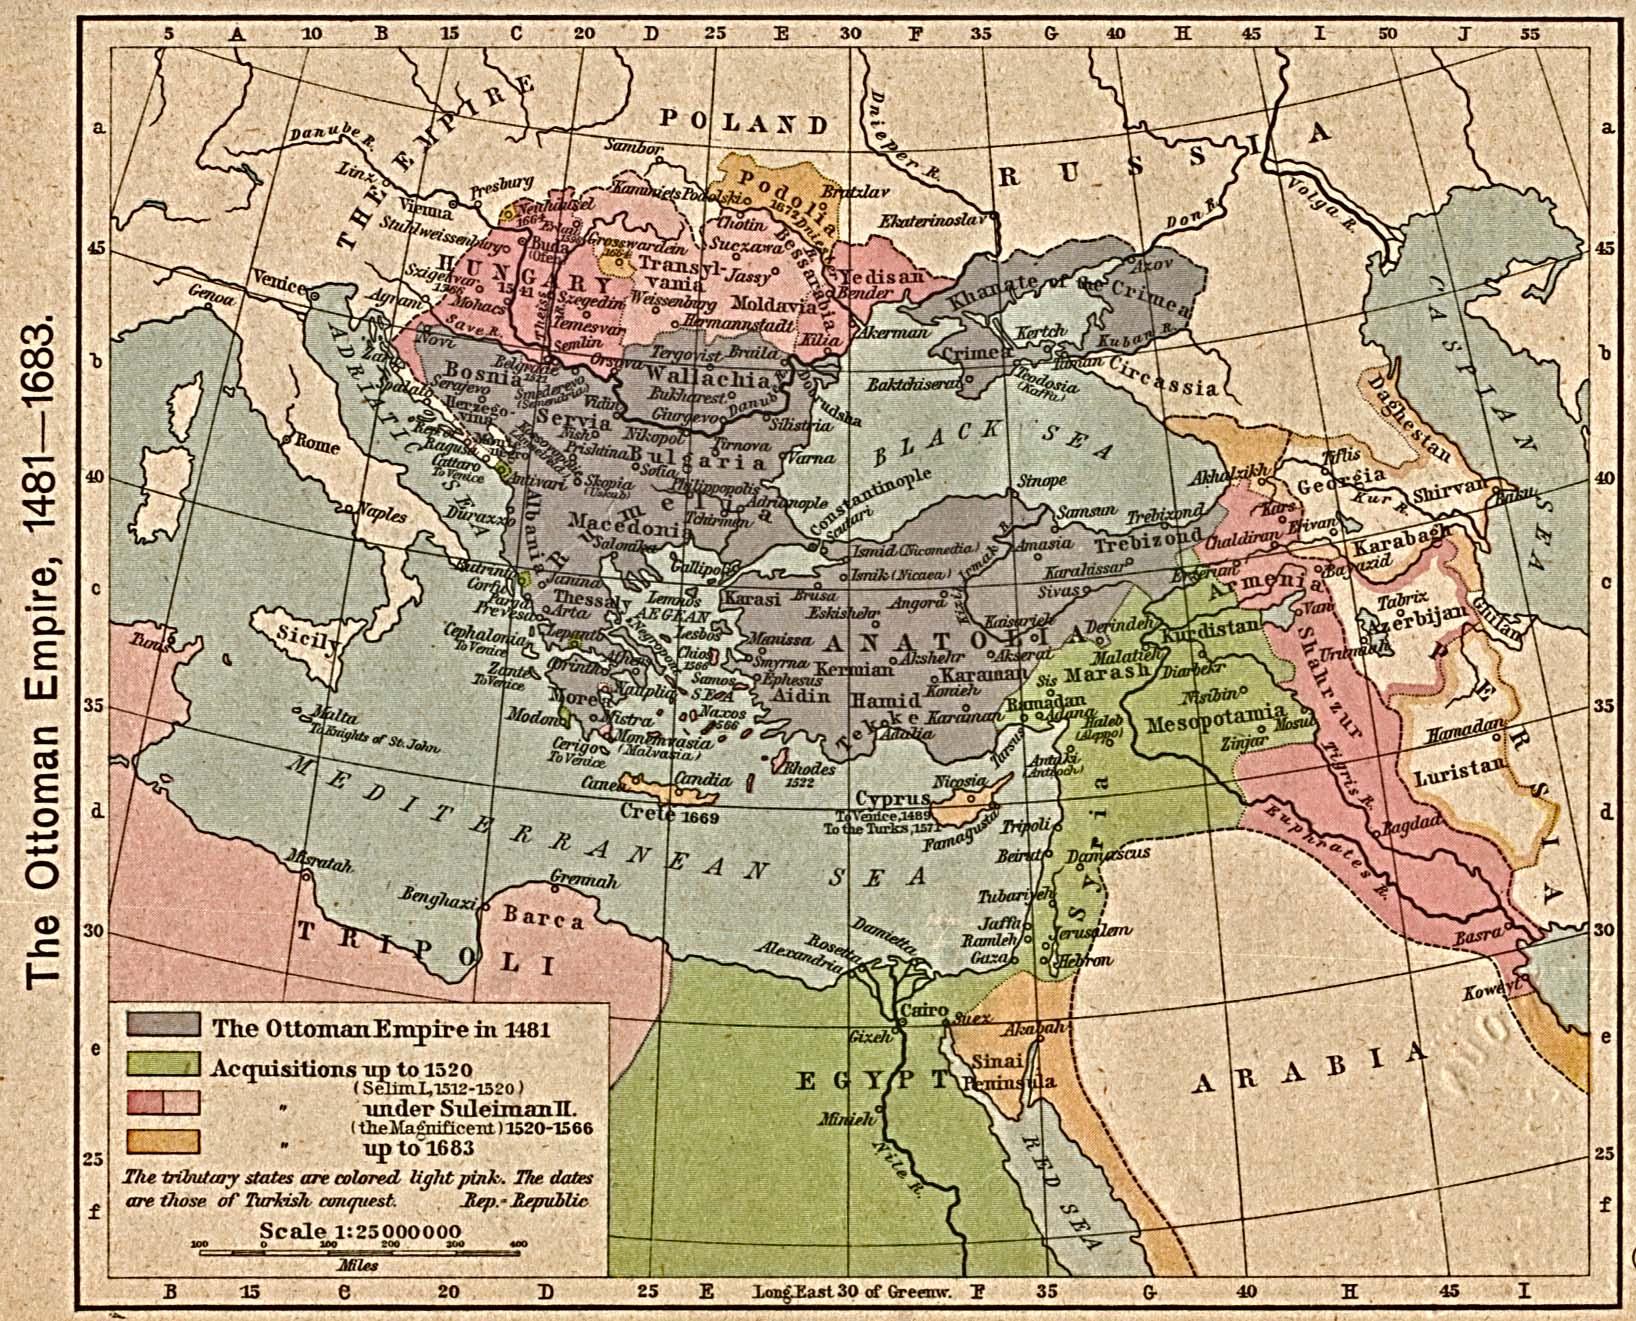 Imperio Otomano 1481-1683